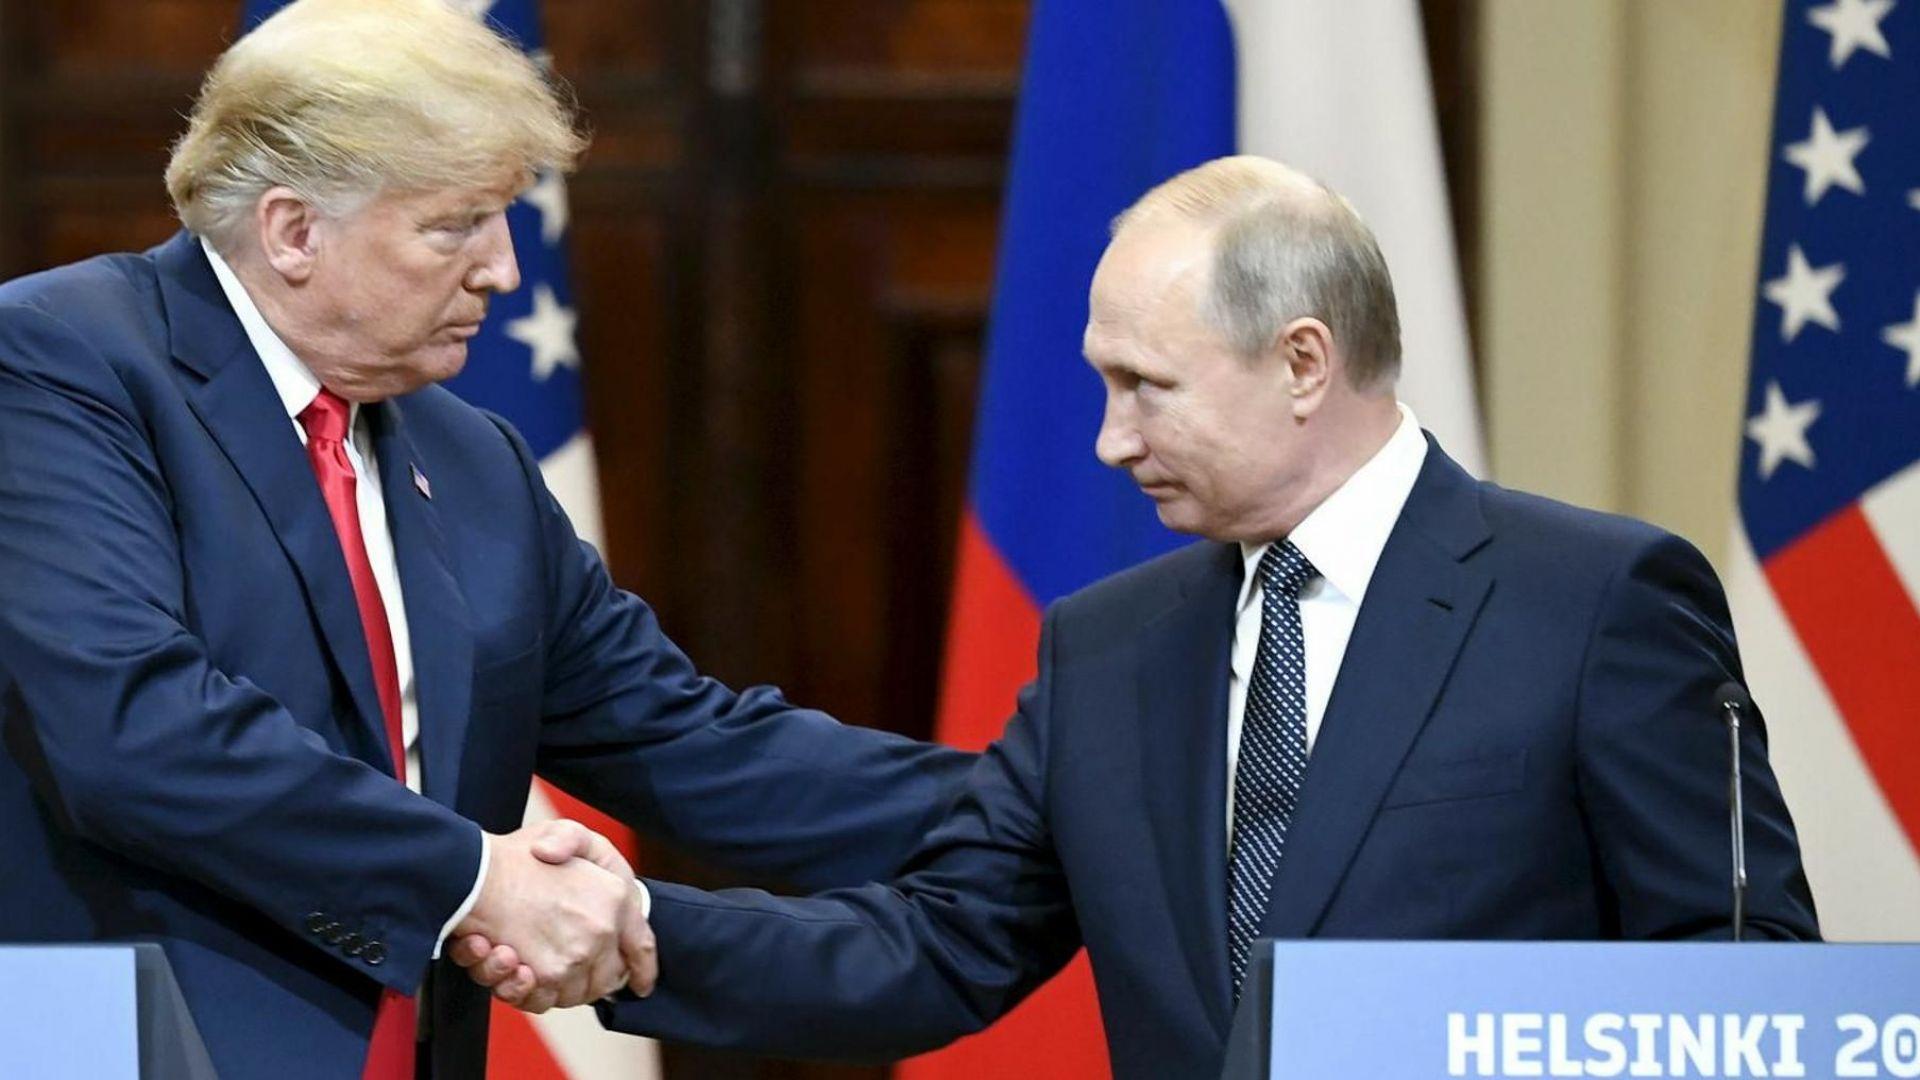 Тръмп: Никой президент не е бил по-твърд към Русия от мен